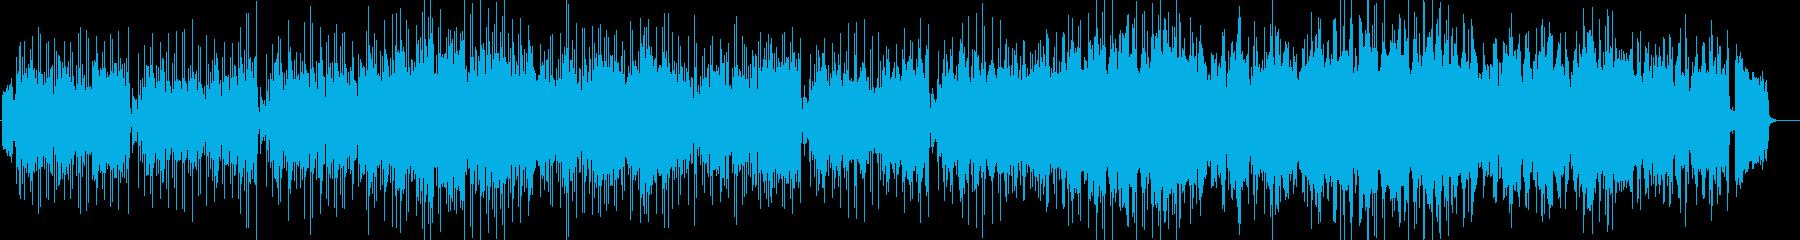 昭和のムード歌謡風の曲の再生済みの波形